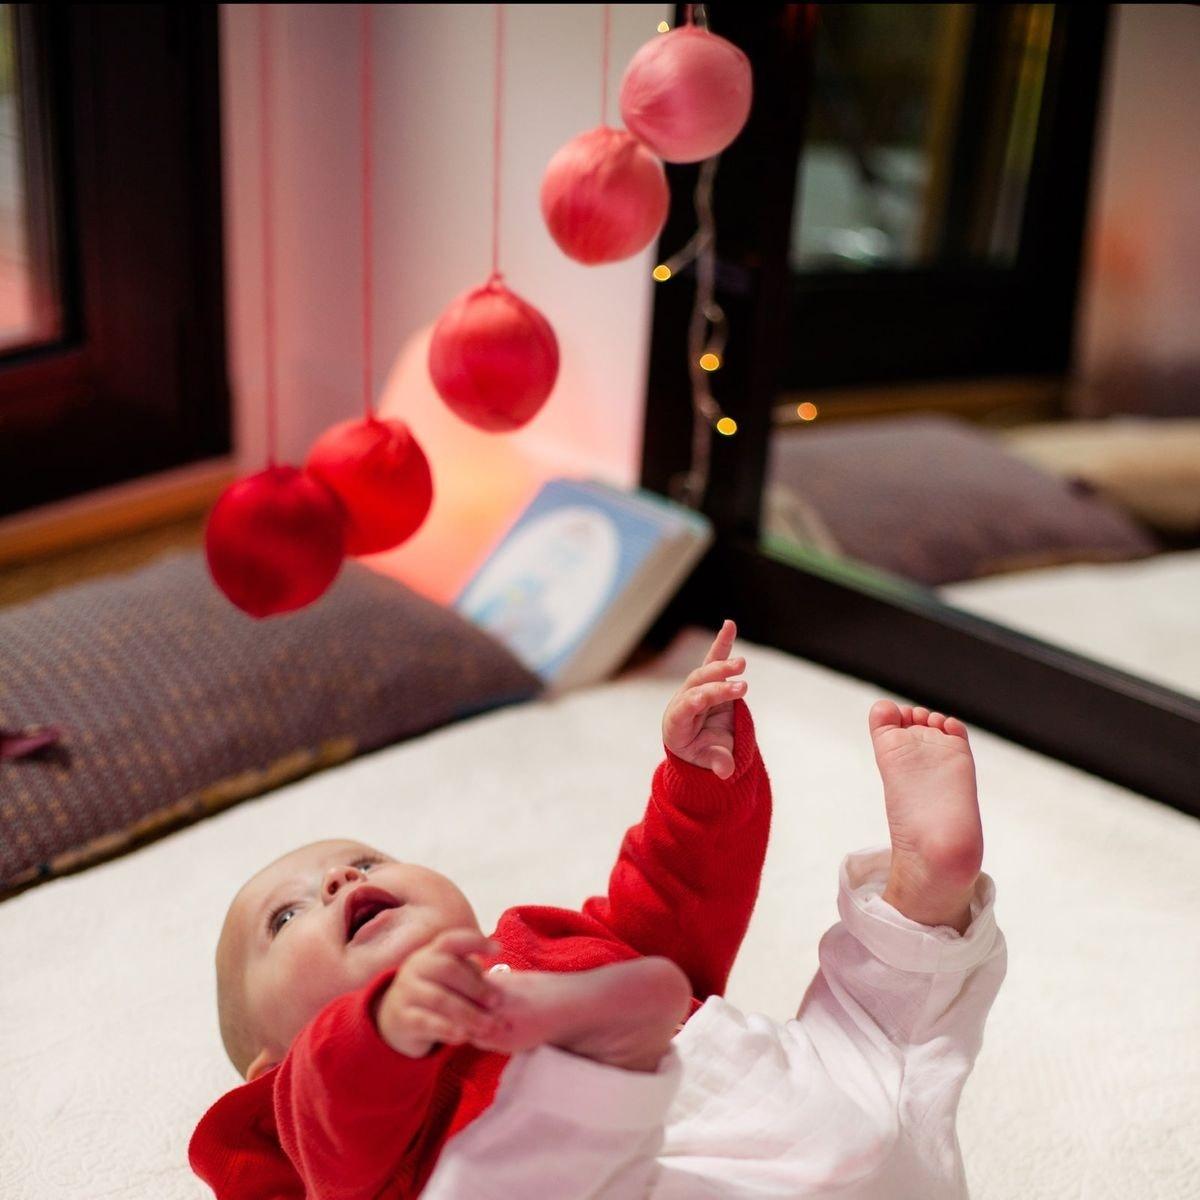 Mobile Bébé À Suspendre Au Plafond le mobile bébé : un jouet d'éveil décoratif   la redoute